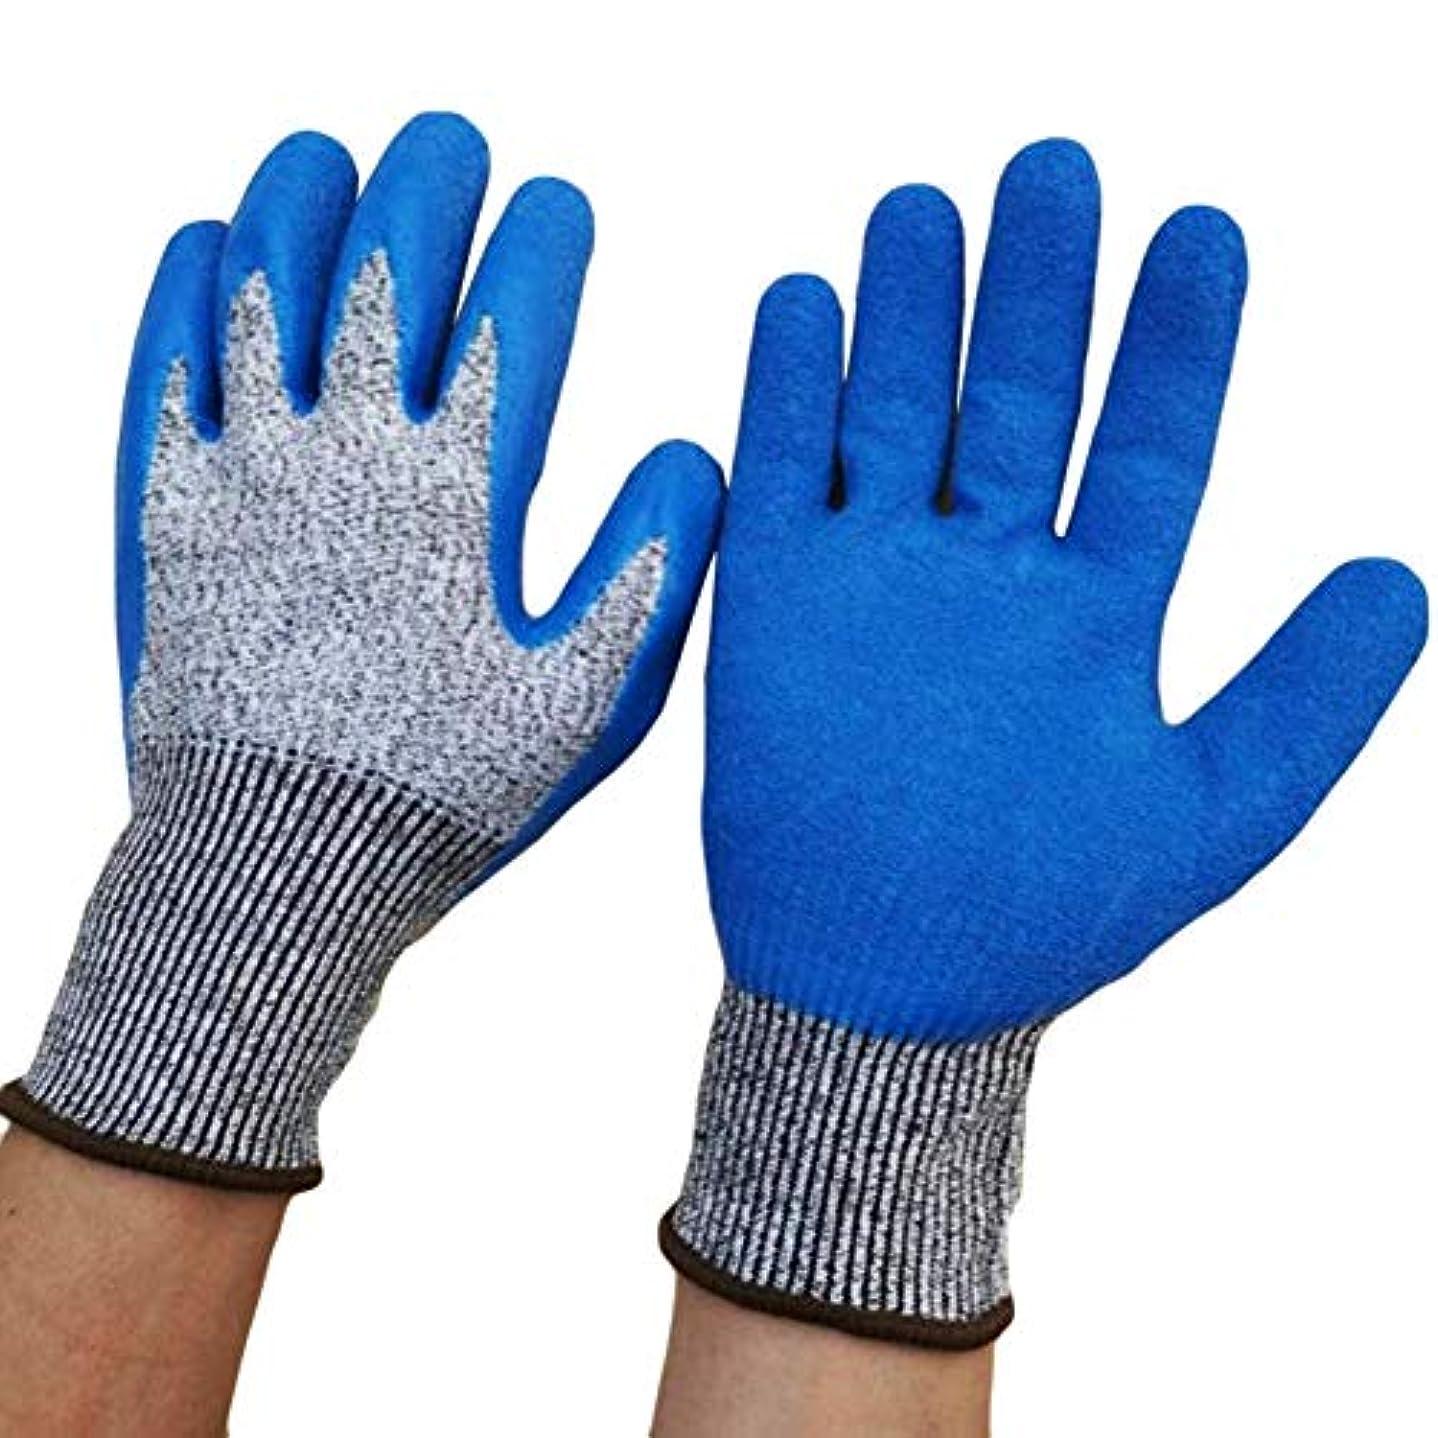 省略する不適当カット耐性手袋-食品グレード、登り防止カット手袋安全カット証明、耐刺傷性レベル5保護作業、キッチン肉屋屋外探索カット耐性グローブ